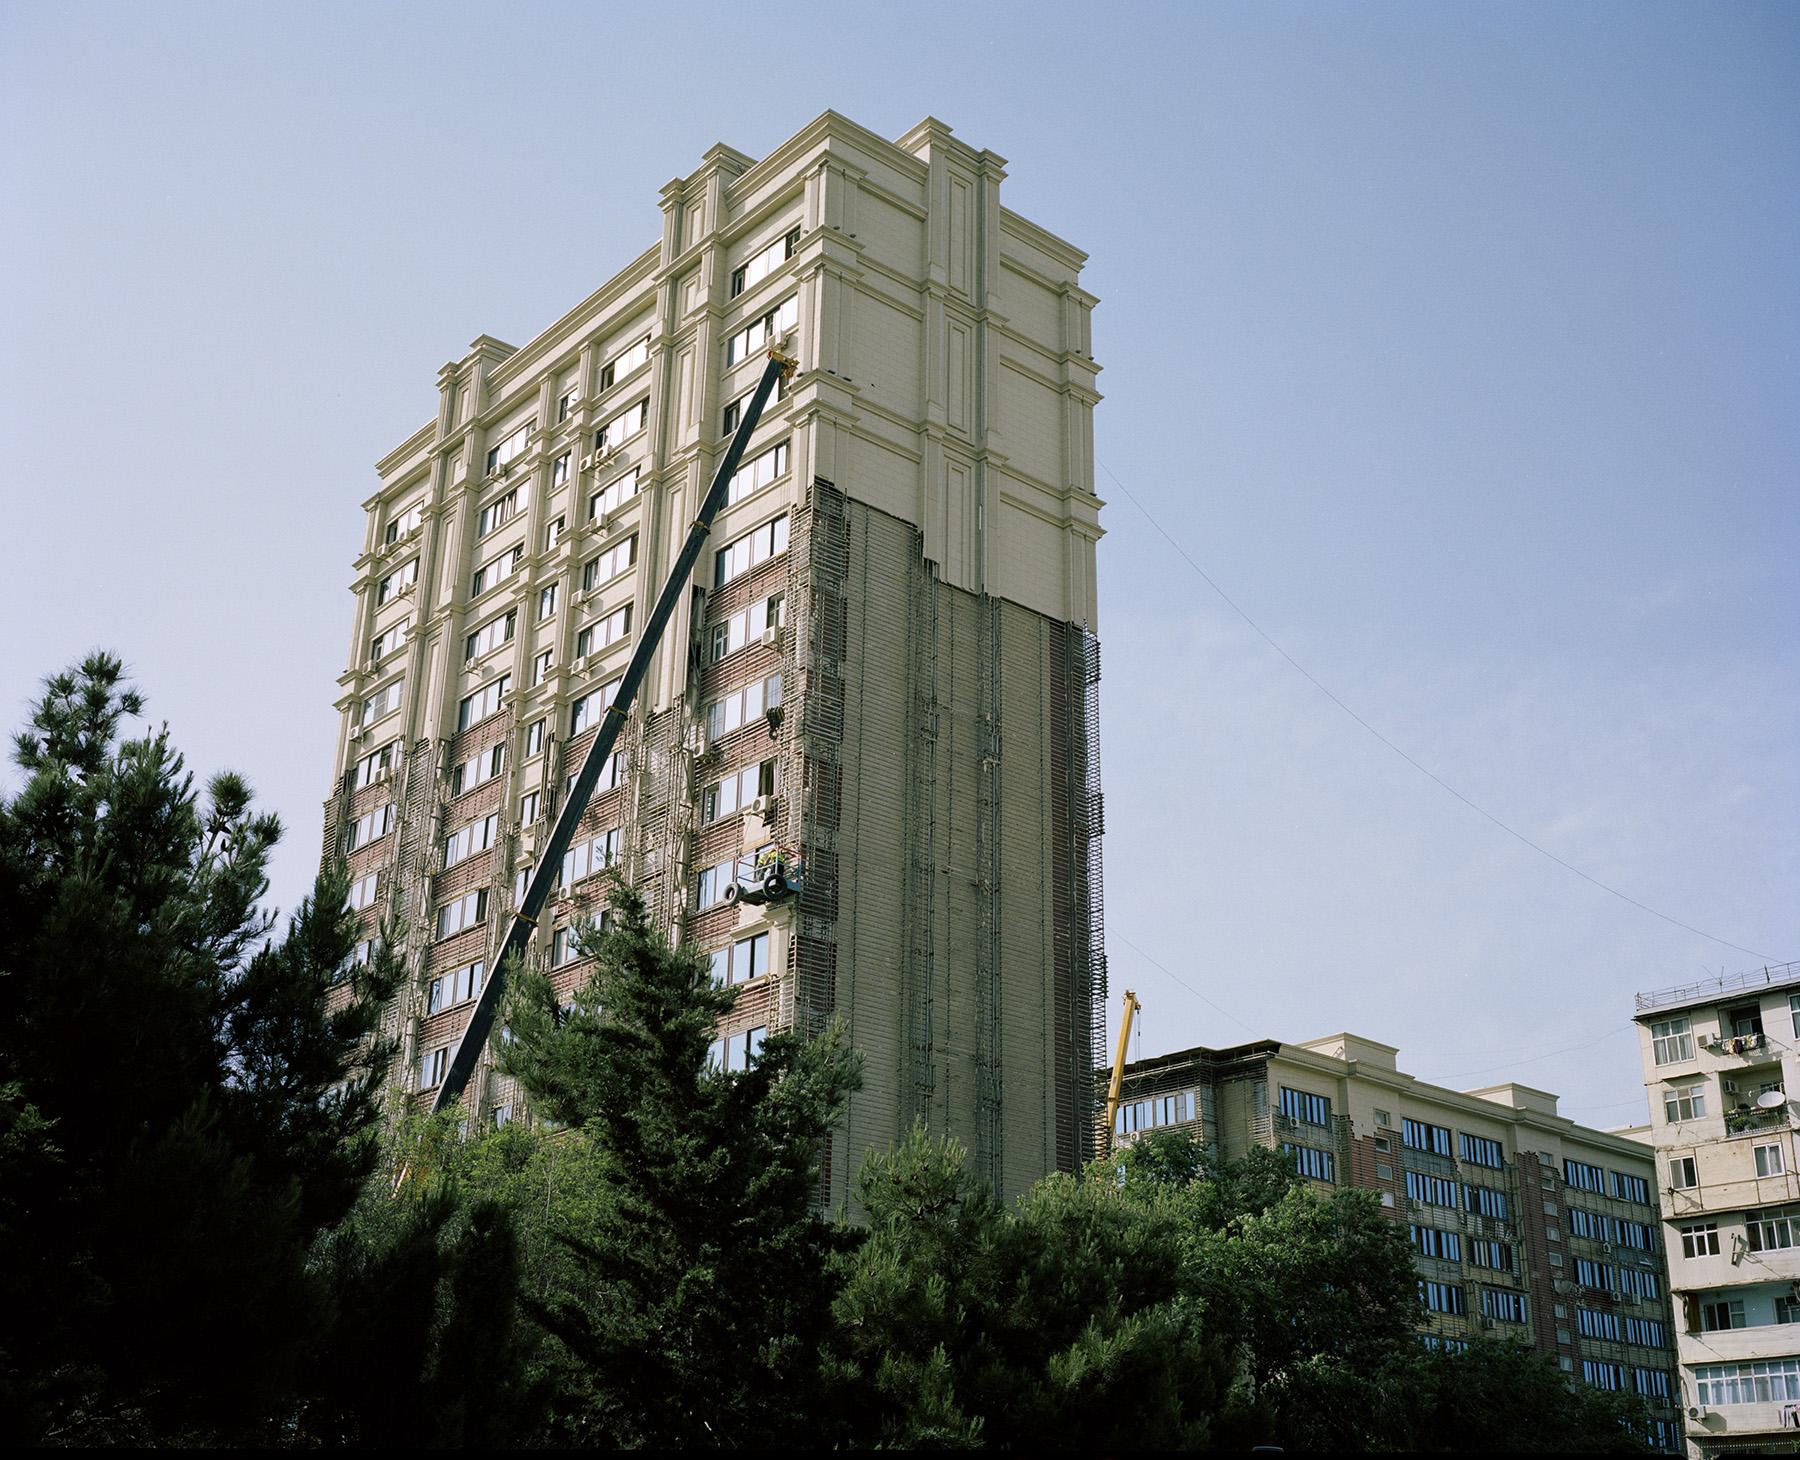 19 мая 2015 года, за несколько недель до Европейских игр, в многоквартирном доме в Баку случился сильный пожар. Из-за легковоспламеняющегося фасада огонь распространился очень быстро, что стало причиной общественного недовольства. Власти заявили, что такой облицовкой покрыты всего более восемьста зданий. В течение нескольких последующих недель рабочие всего города снимали облицовку и красили всё под песчаник, чтобы у домов во всём городе был один стиль.